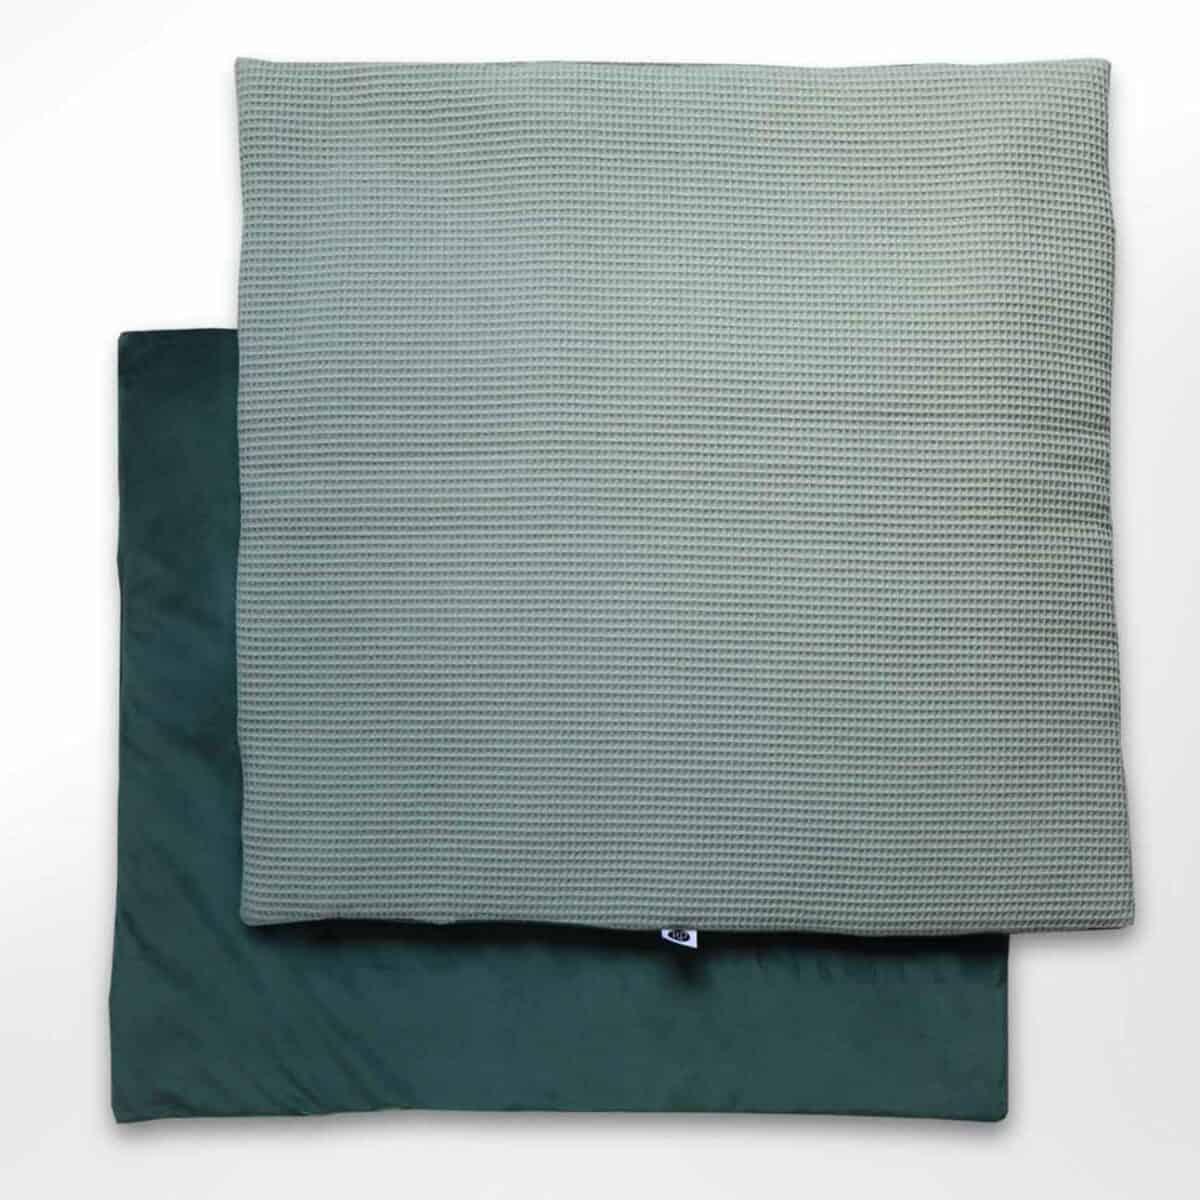 Vierkant boxkleed velvet groen